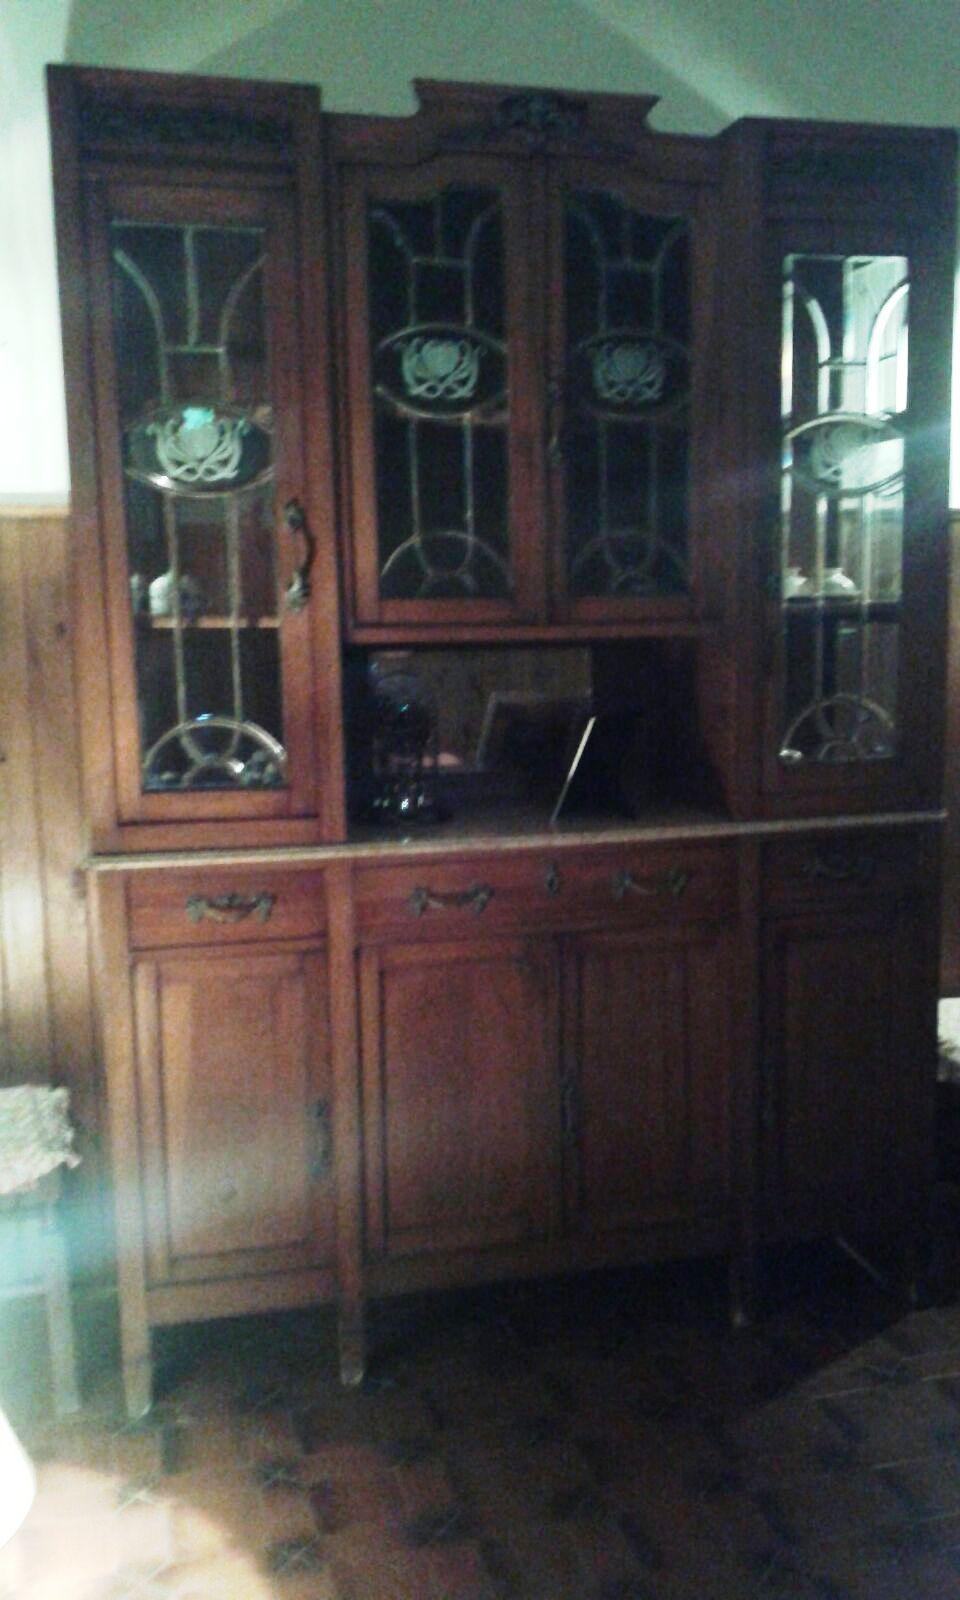 Ali di libellula - Ristrutturare mobili vecchi ...